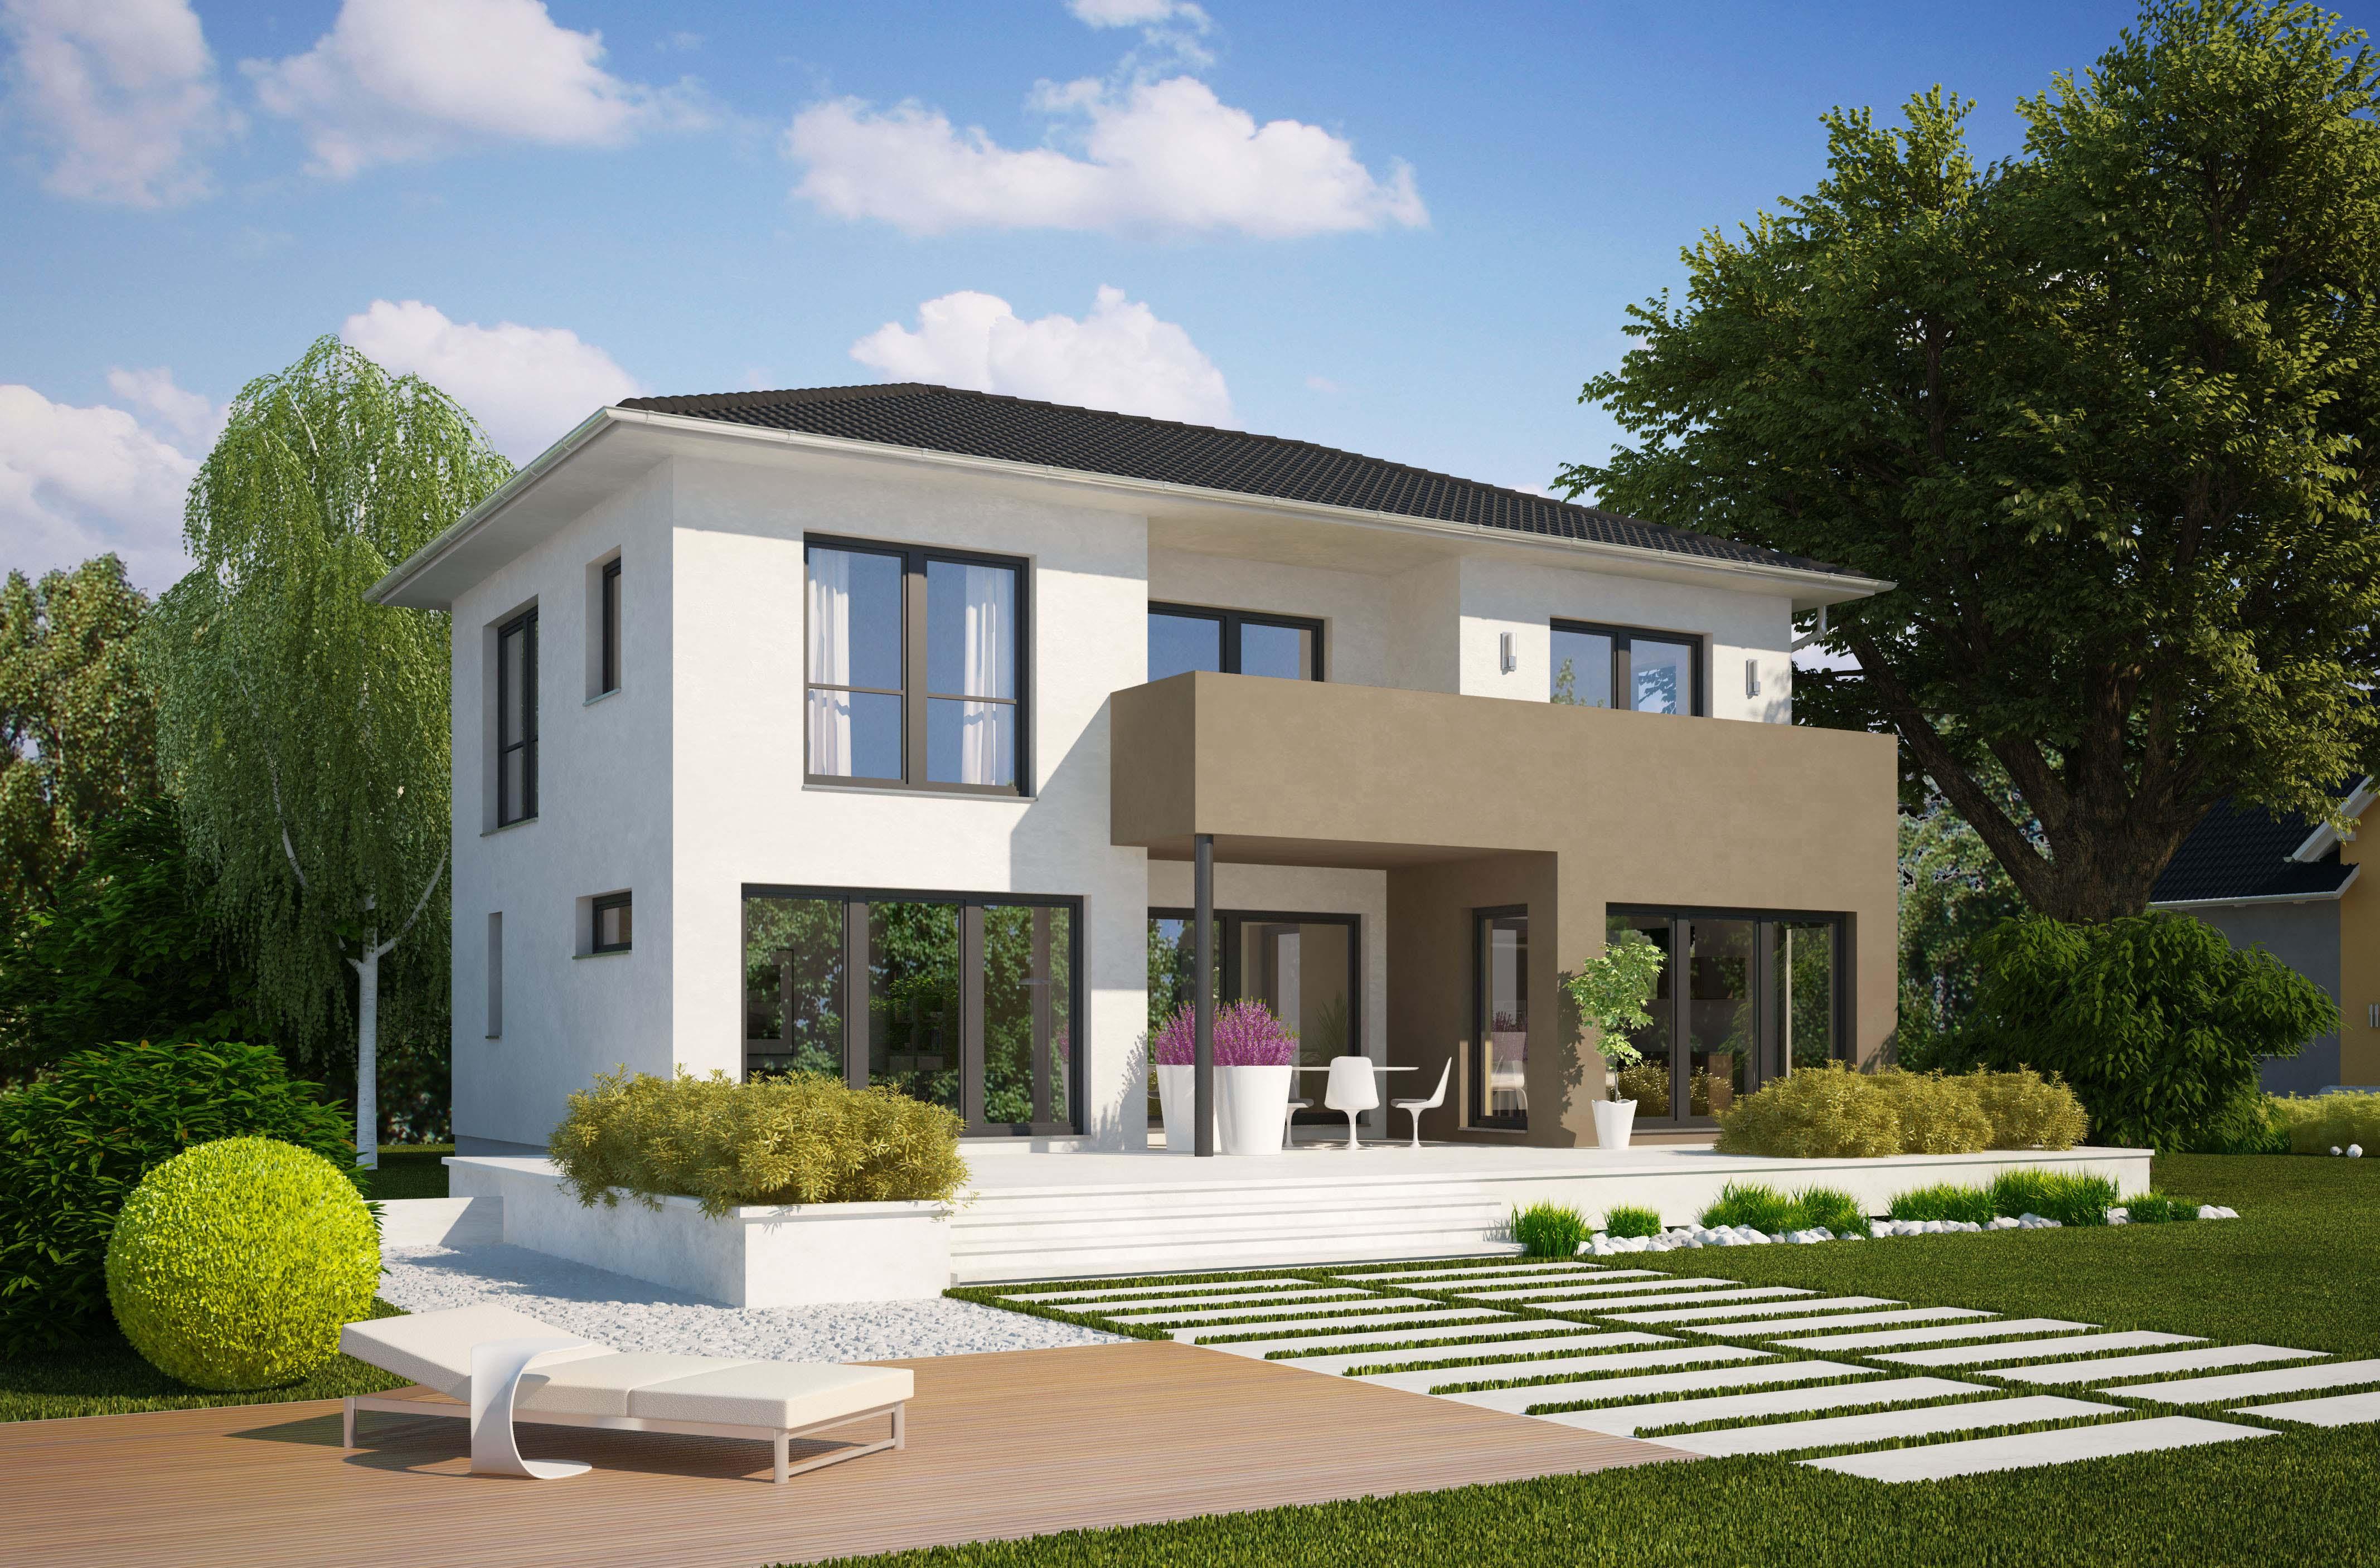 nergy L – Das Super-Niedrigenergiehaus - Fertigteilhäuser auf ... size: 4269 x 2813 post ID: 7 File size: 0 B